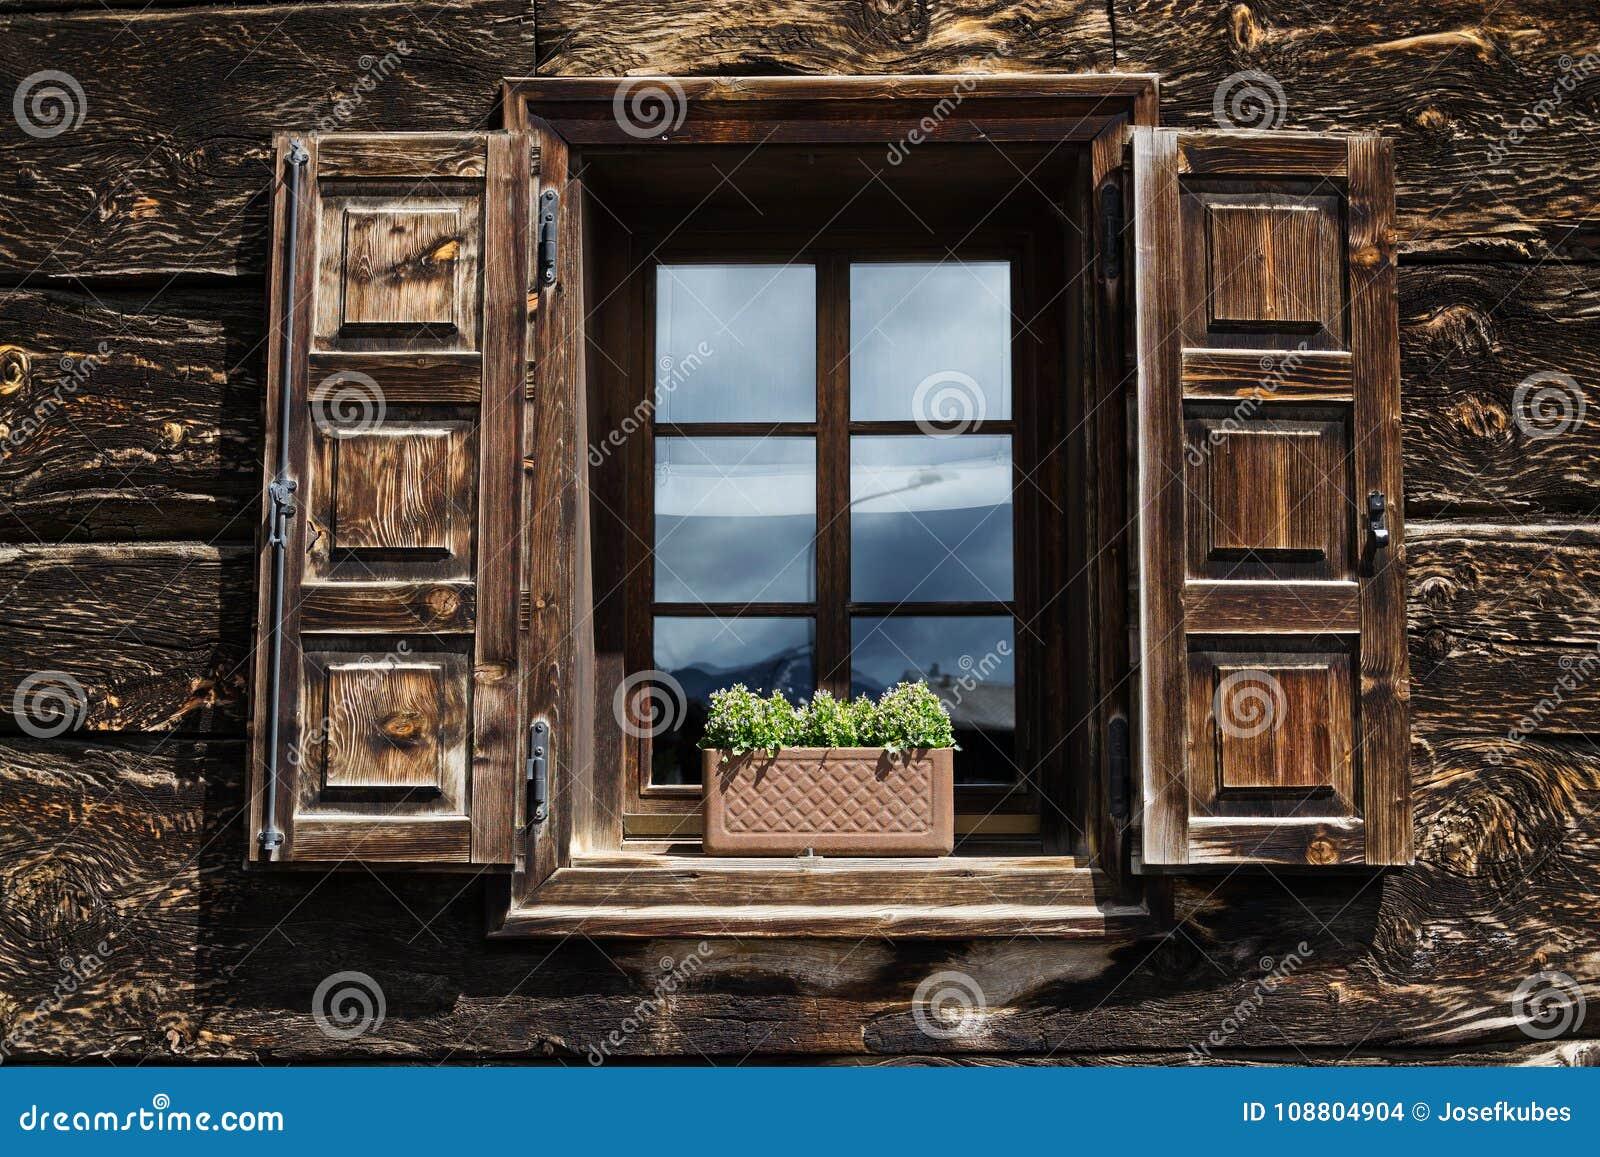 Piękna otwarta drewniana nadokienna żaluzja z kwiatami odbija niebieskie niebo